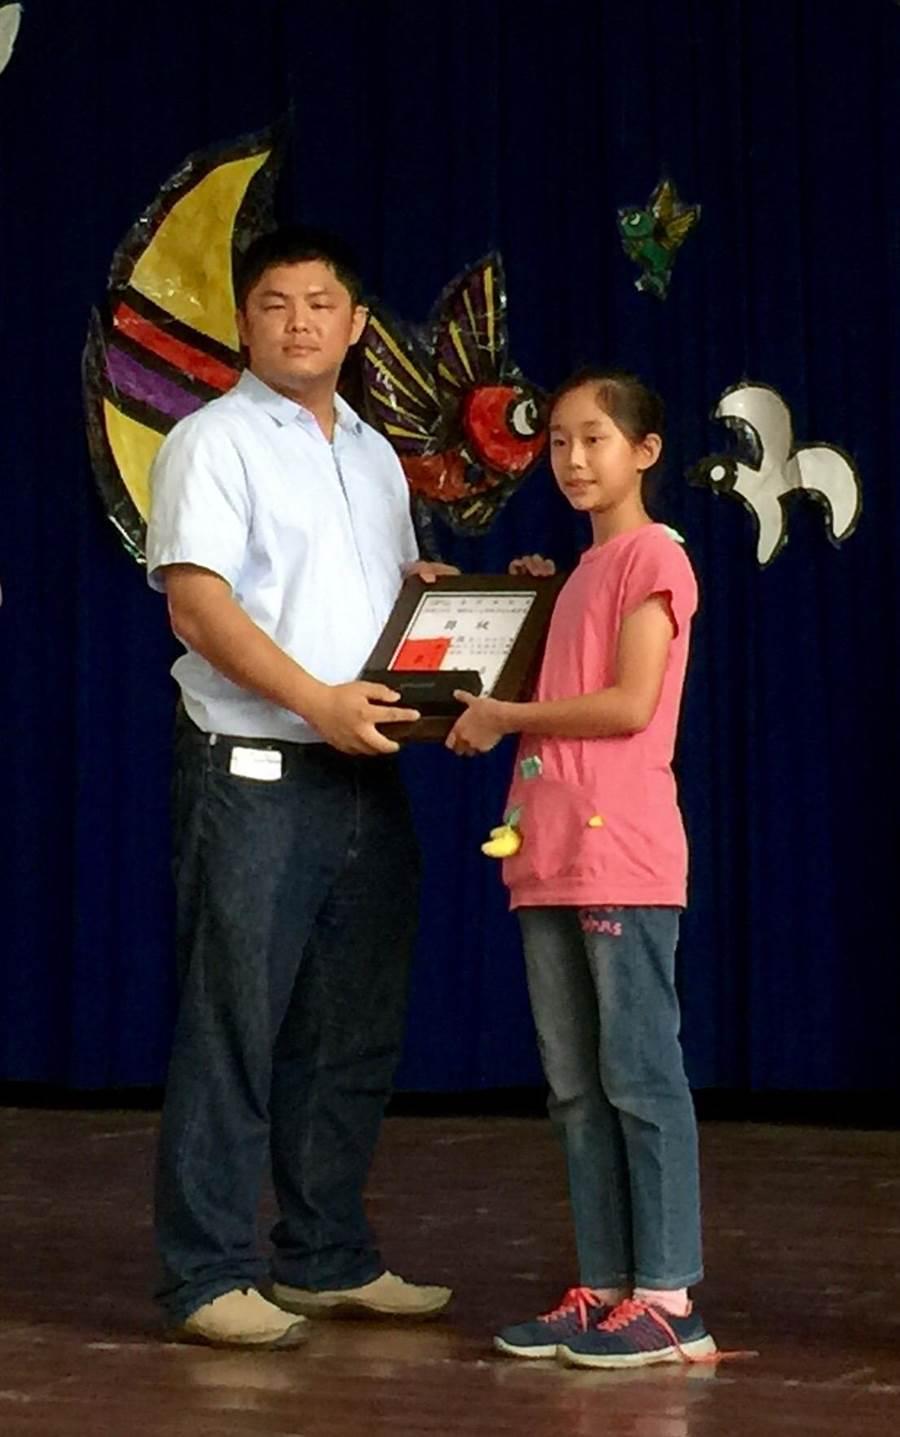 上緯諒茶文化基金會蔡董事(左),頒獎鼓勵書法比賽優勝學生。(廖志晃攝)